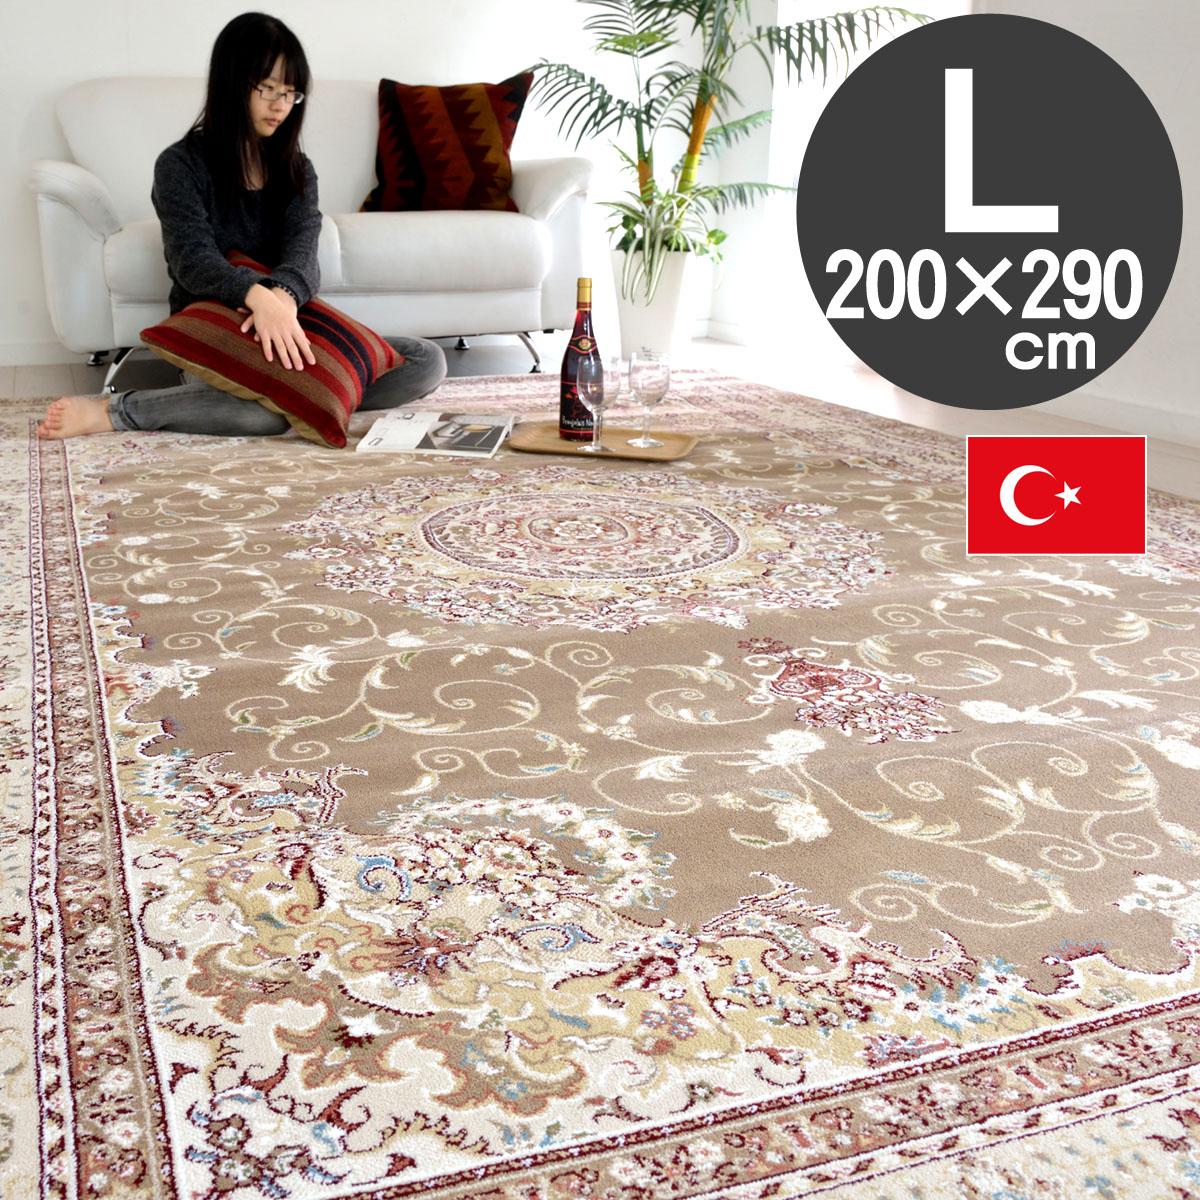 ヨーロピアンラグ トルコ製 クラシックデザイン200×290 約3.5帖 お手入れ簡単イスフアハン6251(ロゼリアT8748) ブラウンインポートラグ カーペット 絨毯classic design